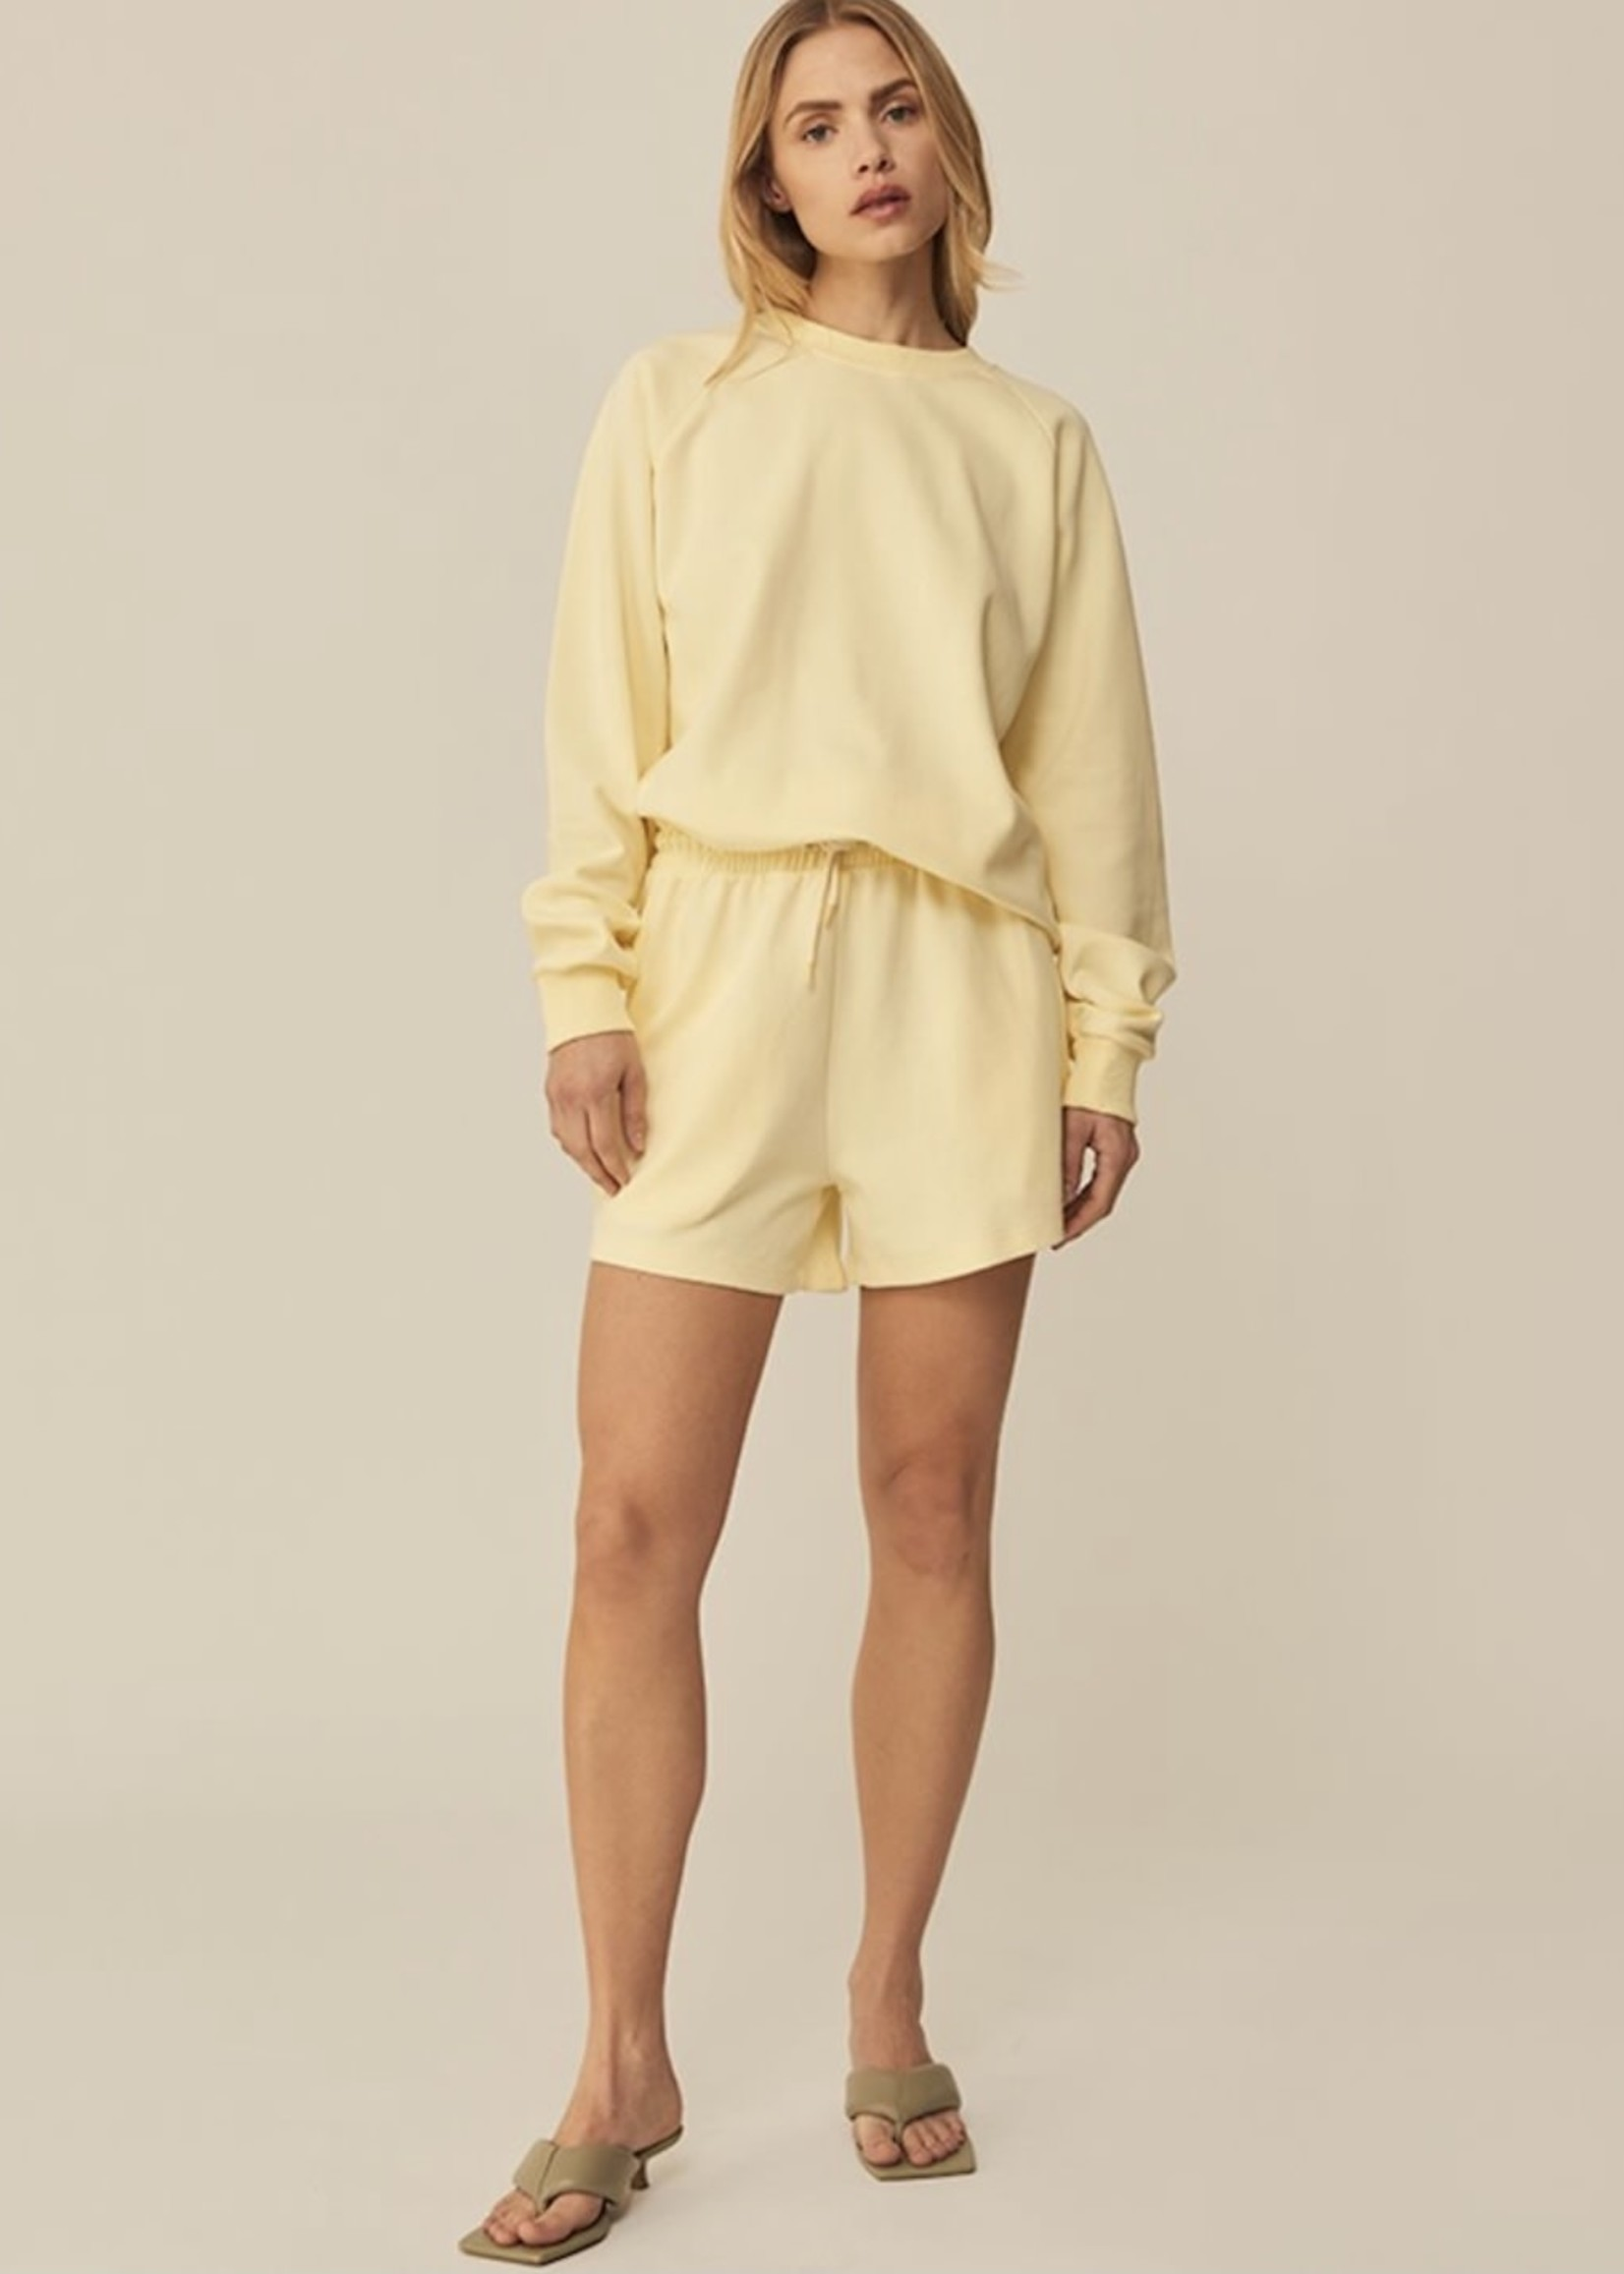 Guts & Goats Julia Yellow Shorts